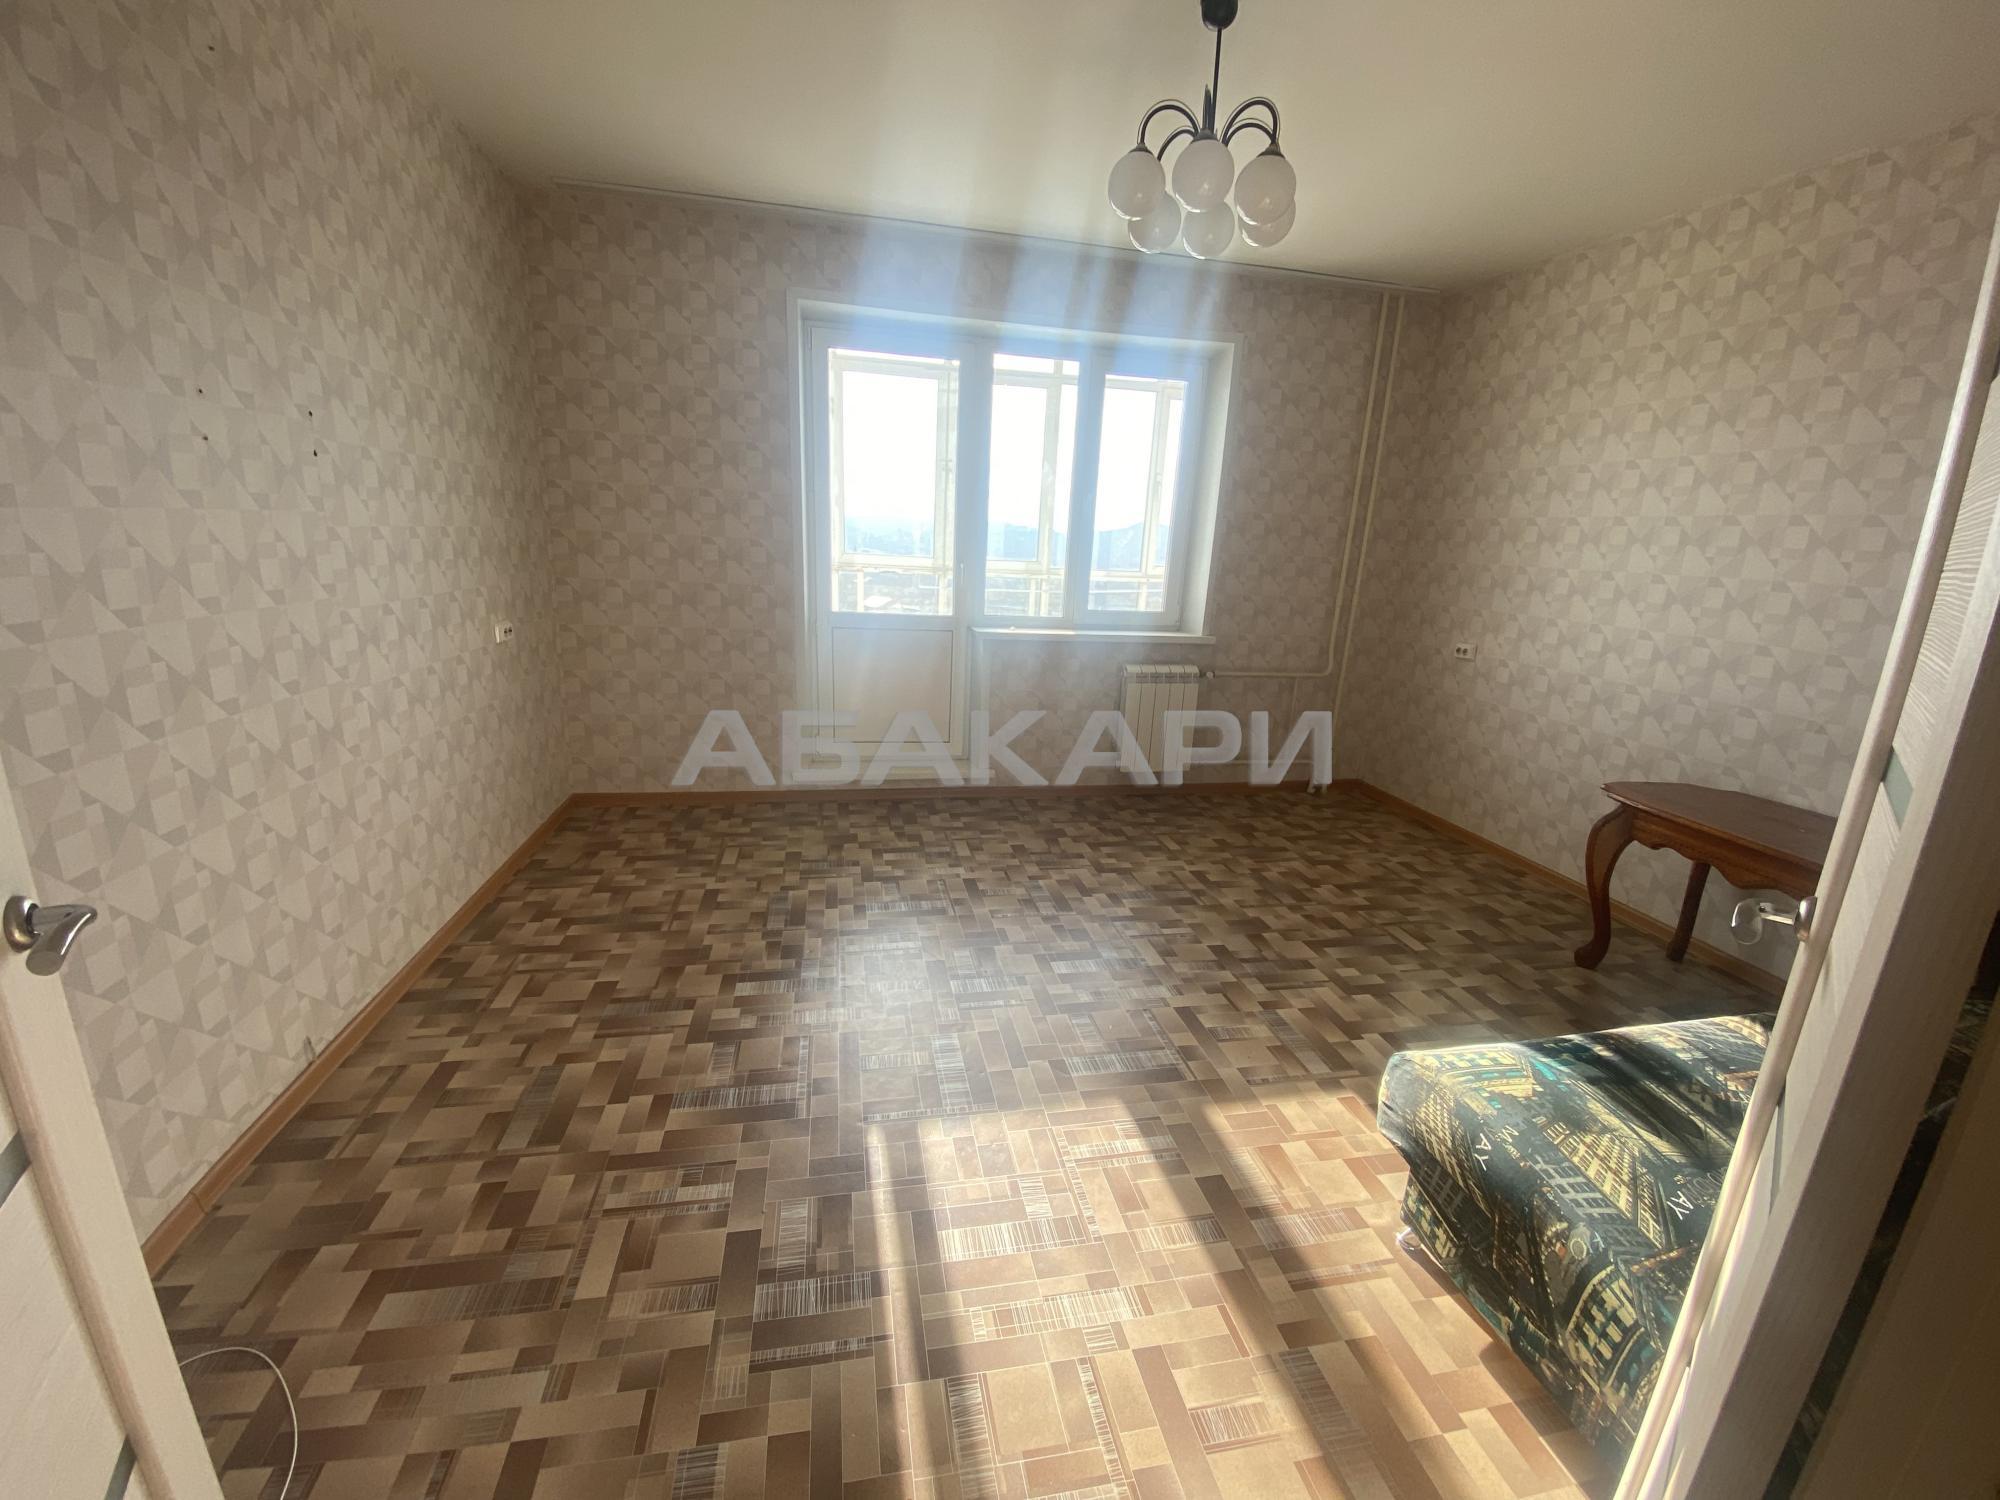 2к квартира улица Дмитрия Мартынова, 45 12/14 - 57кв | 23000 | аренда в Красноярске фото 12